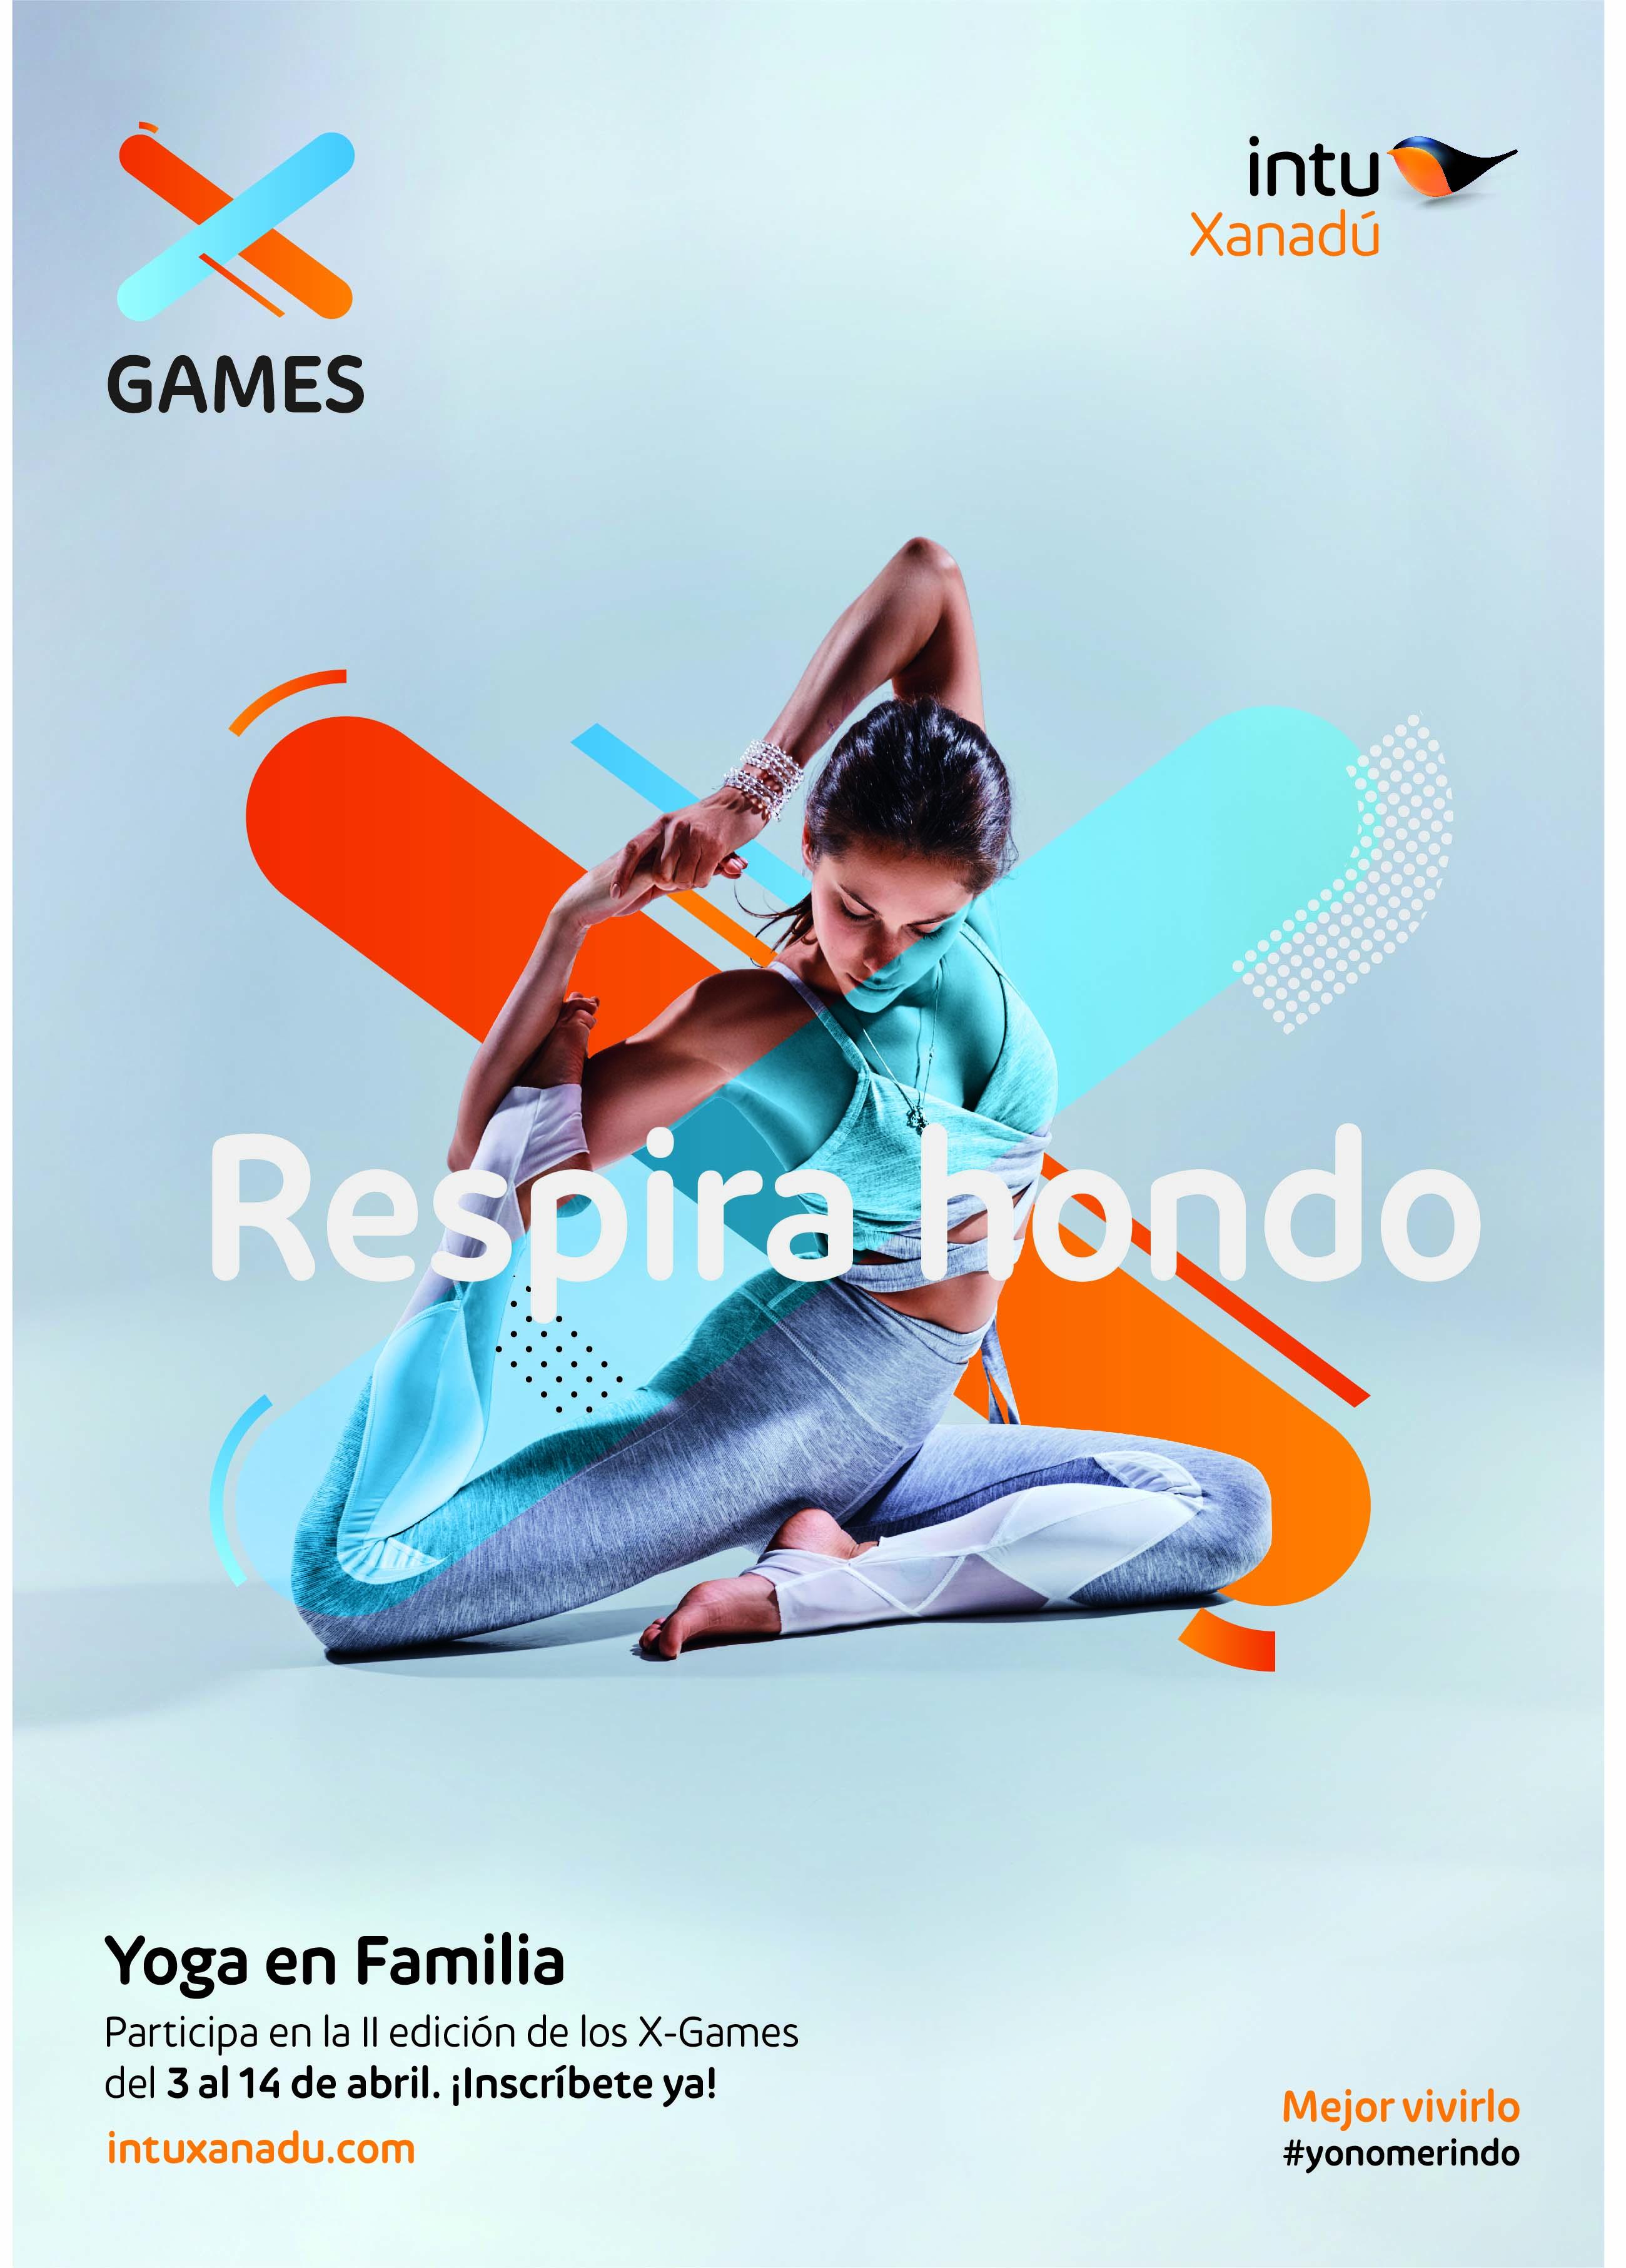 X-Games intu Xanadú_.jpg